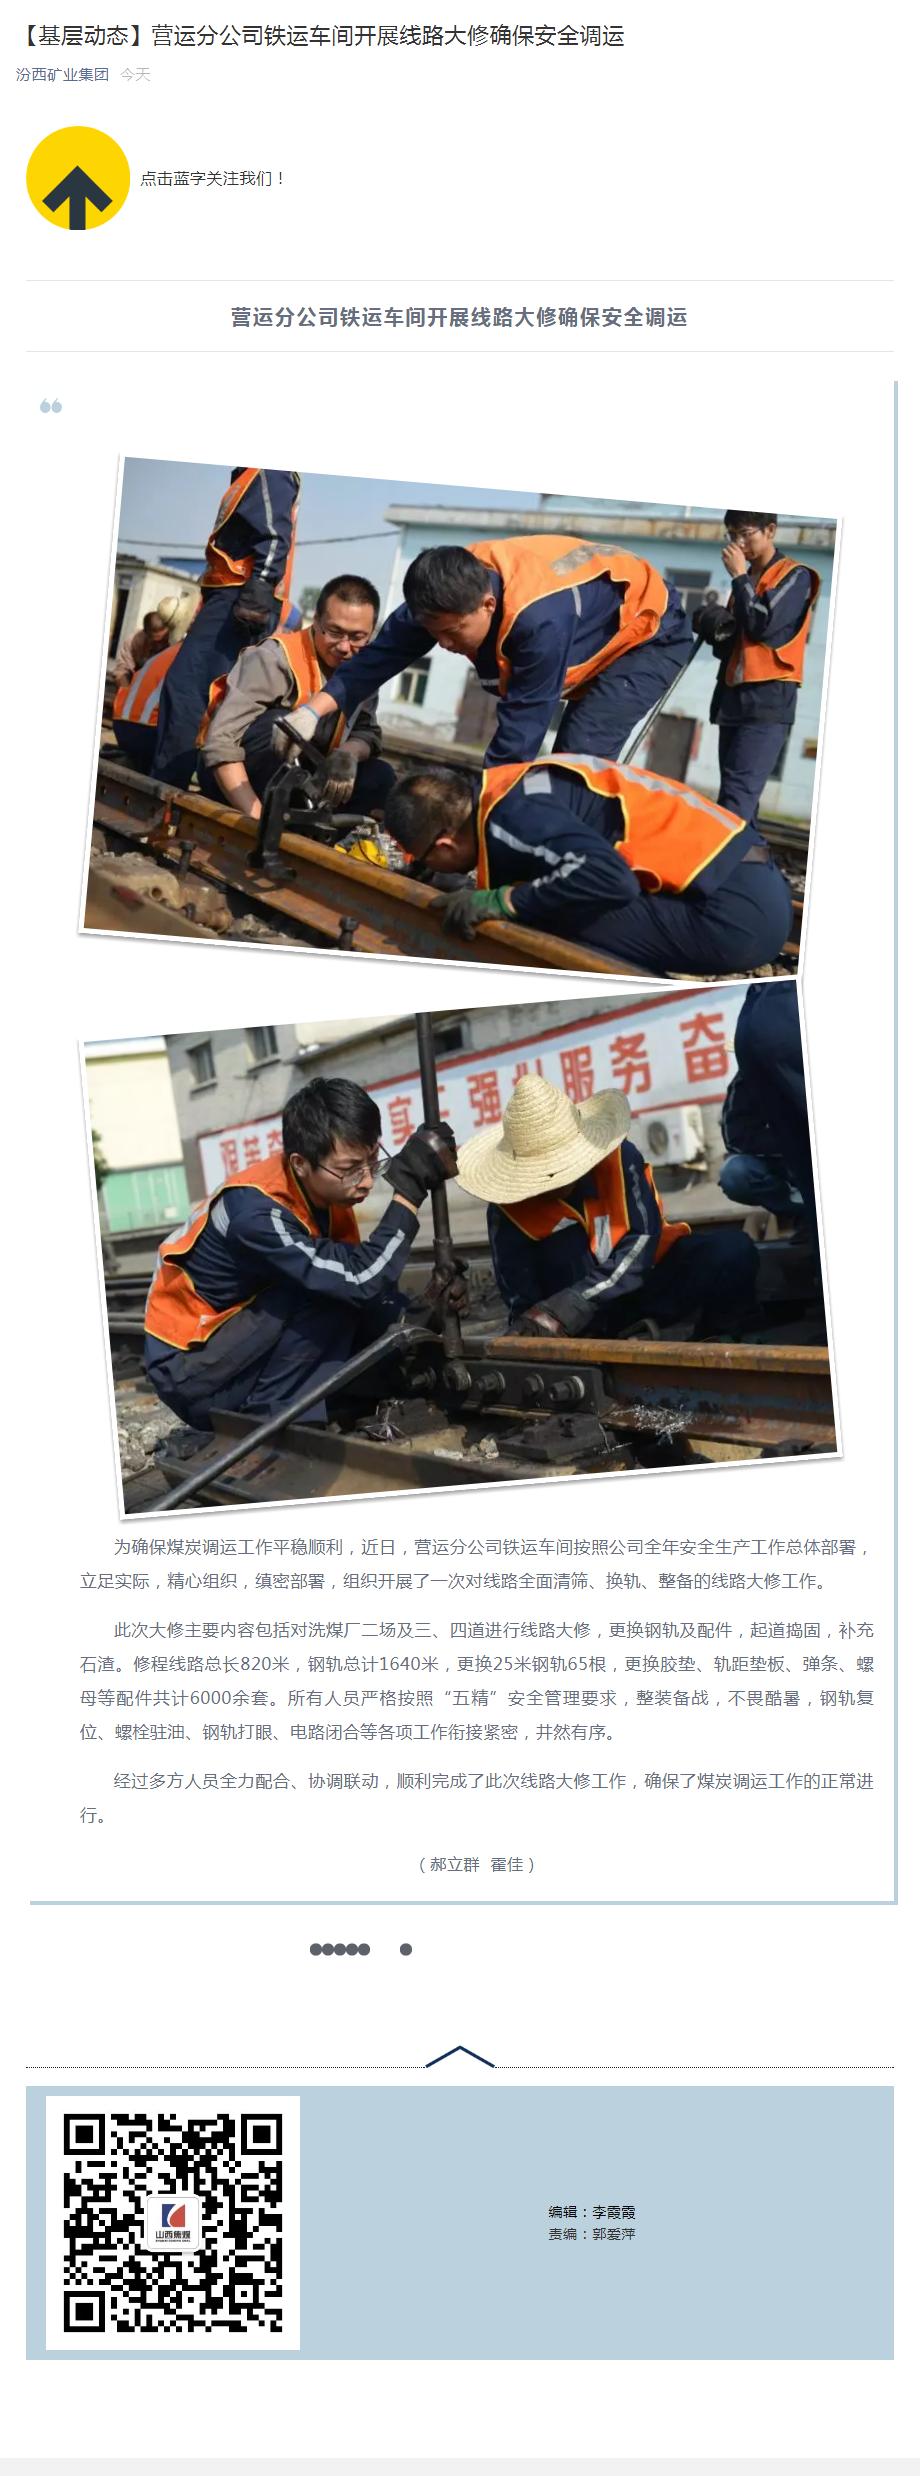 【基層動態】營運分公司鐵運車間開展線路大修確保安全調運.png